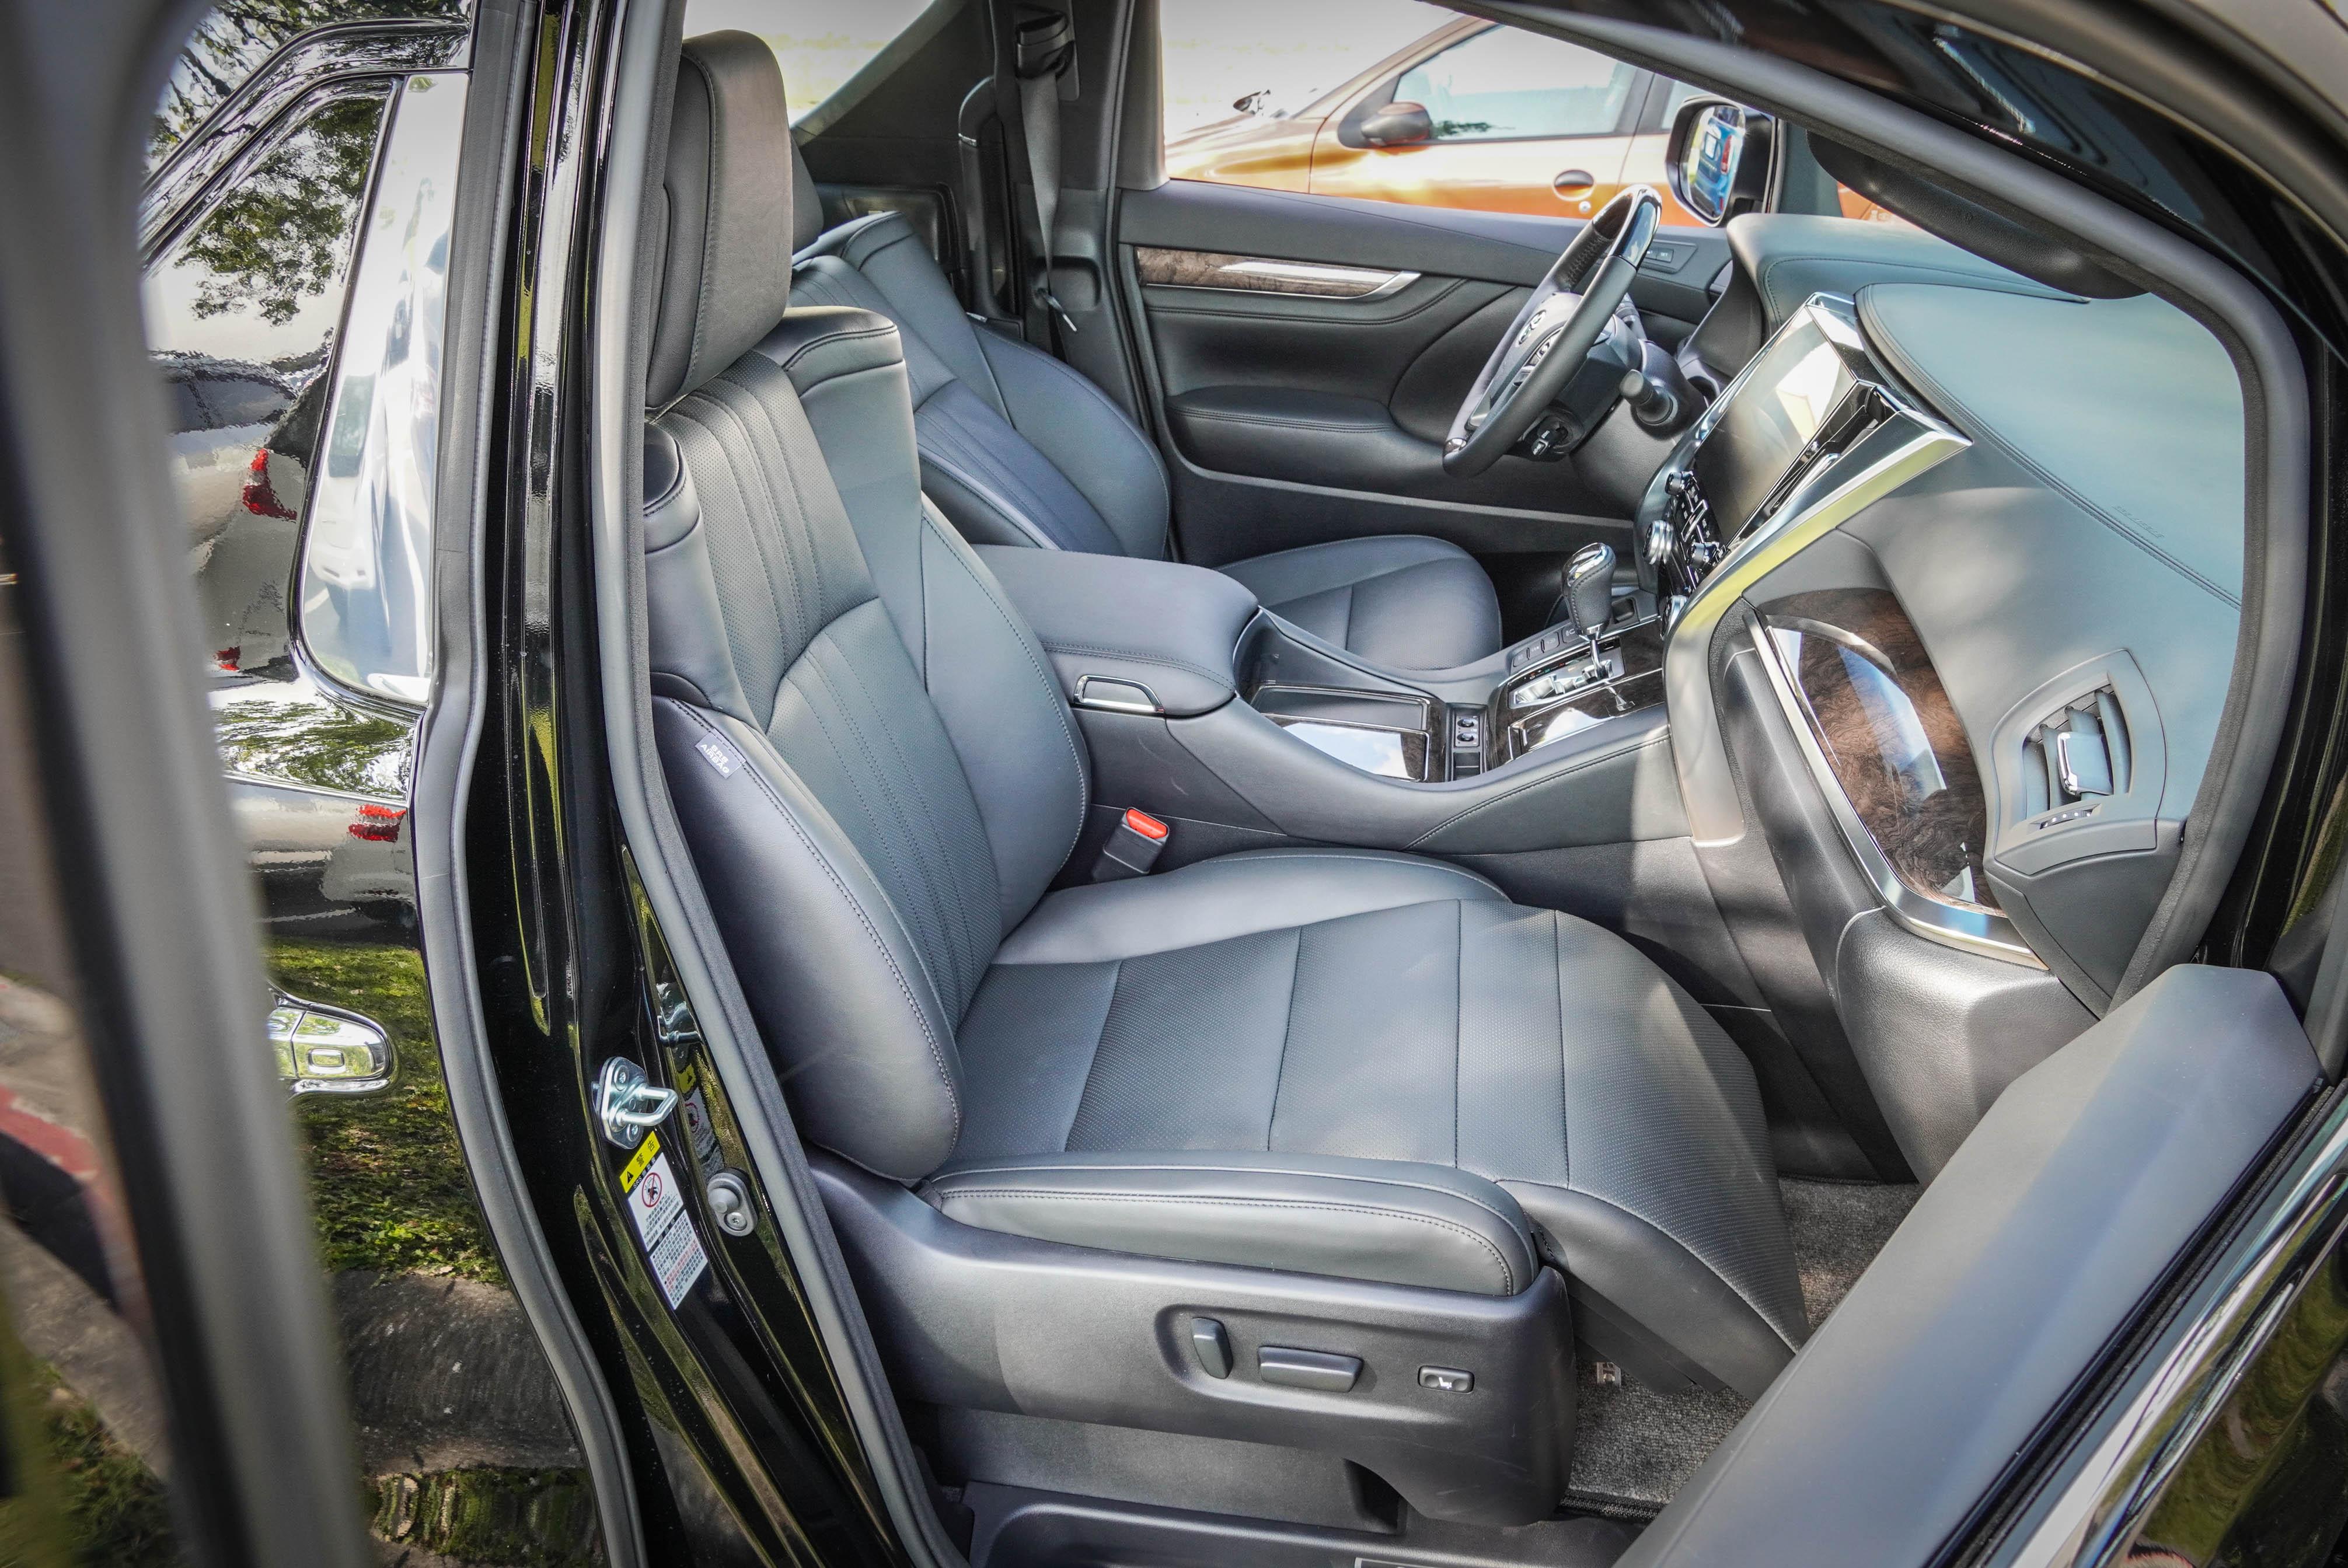 雙前座都有冷熱通風功能,副駕駛配置Ottoman座椅,擁有腿靠與電動四向調整功能。